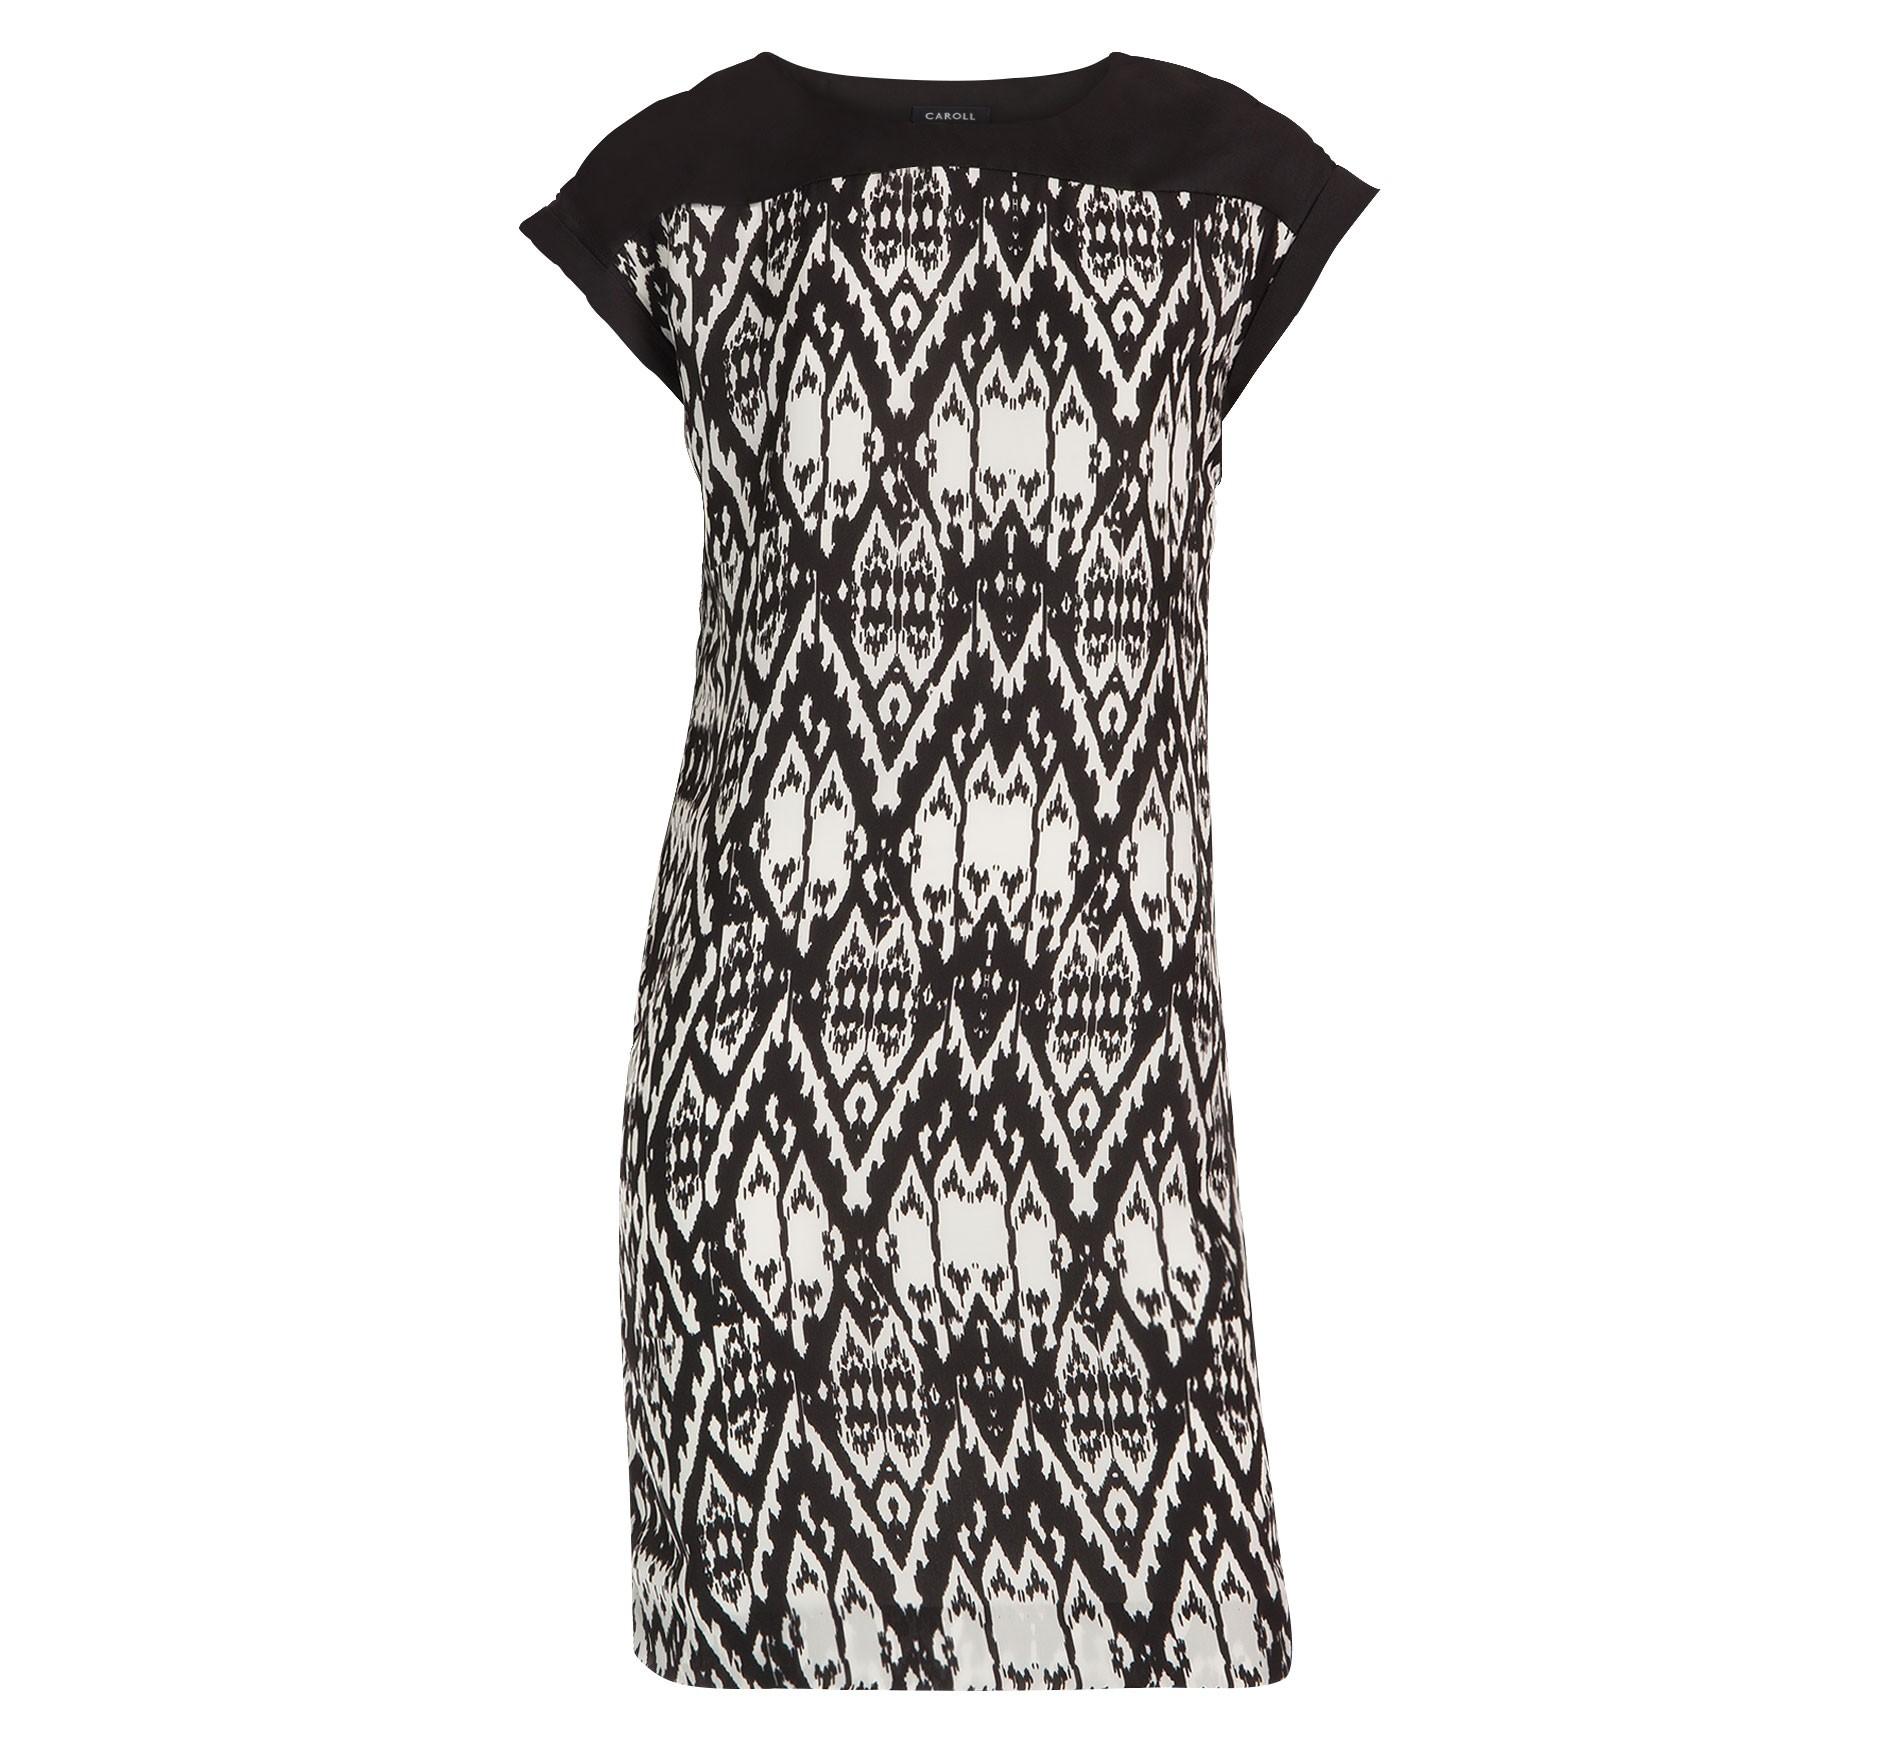 Robe Rafaela noir et blanc Caroll - Robe Femme Brandalley - Iziva.com e2a64b5c8d1